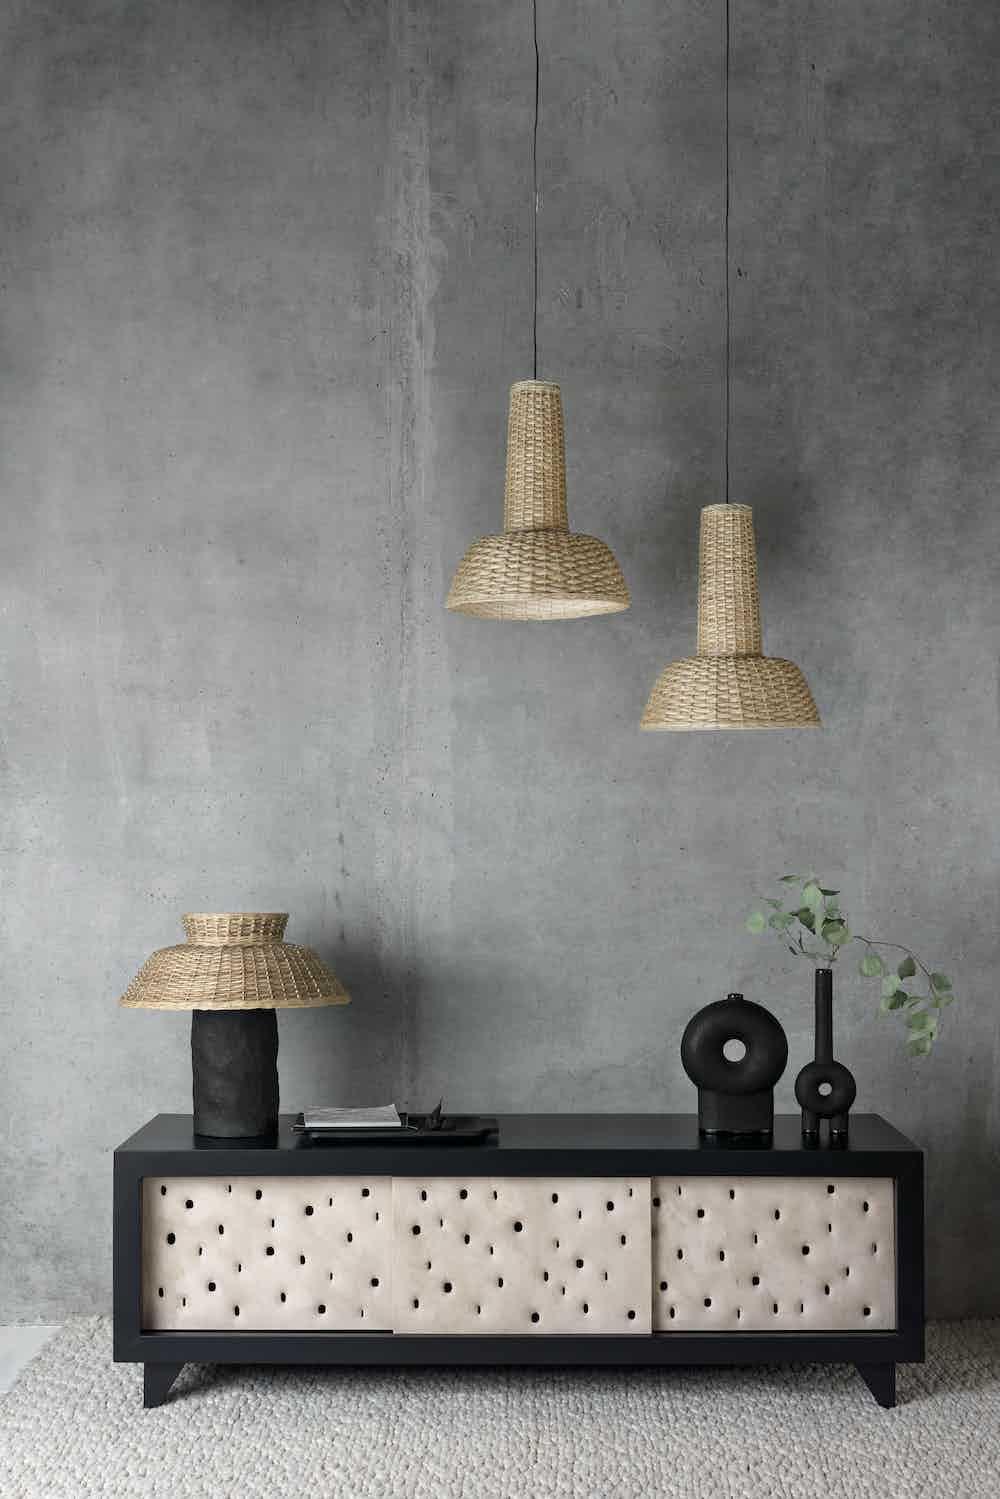 Faina design pechyvo cabinet insitu haute living